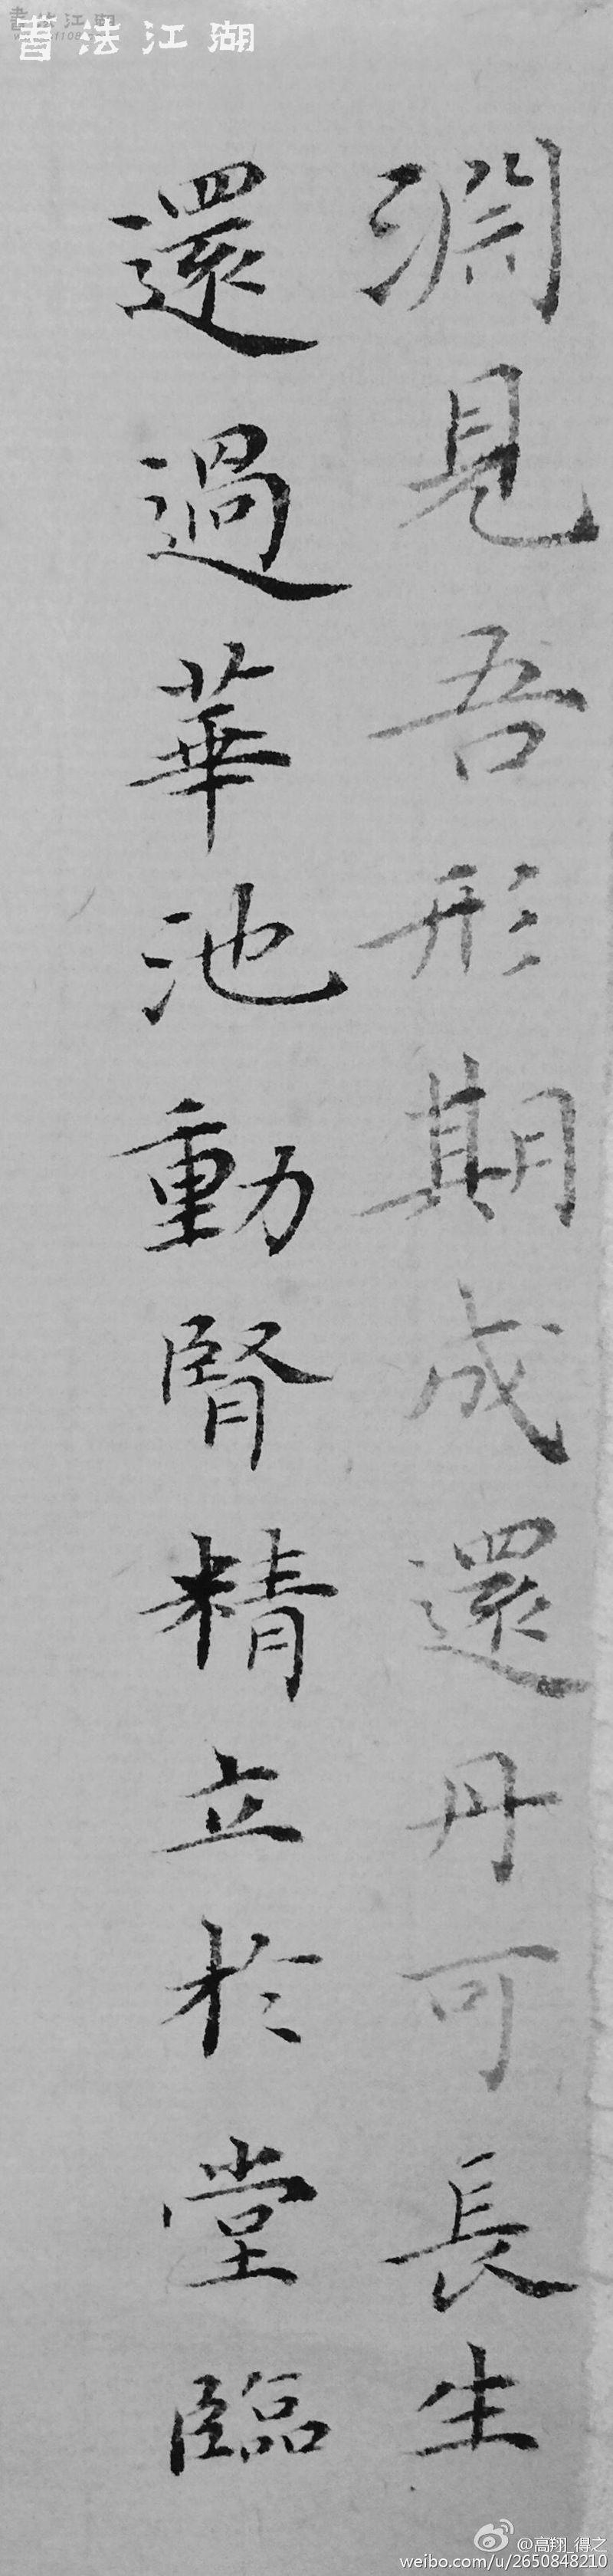 黄庭1.jpg